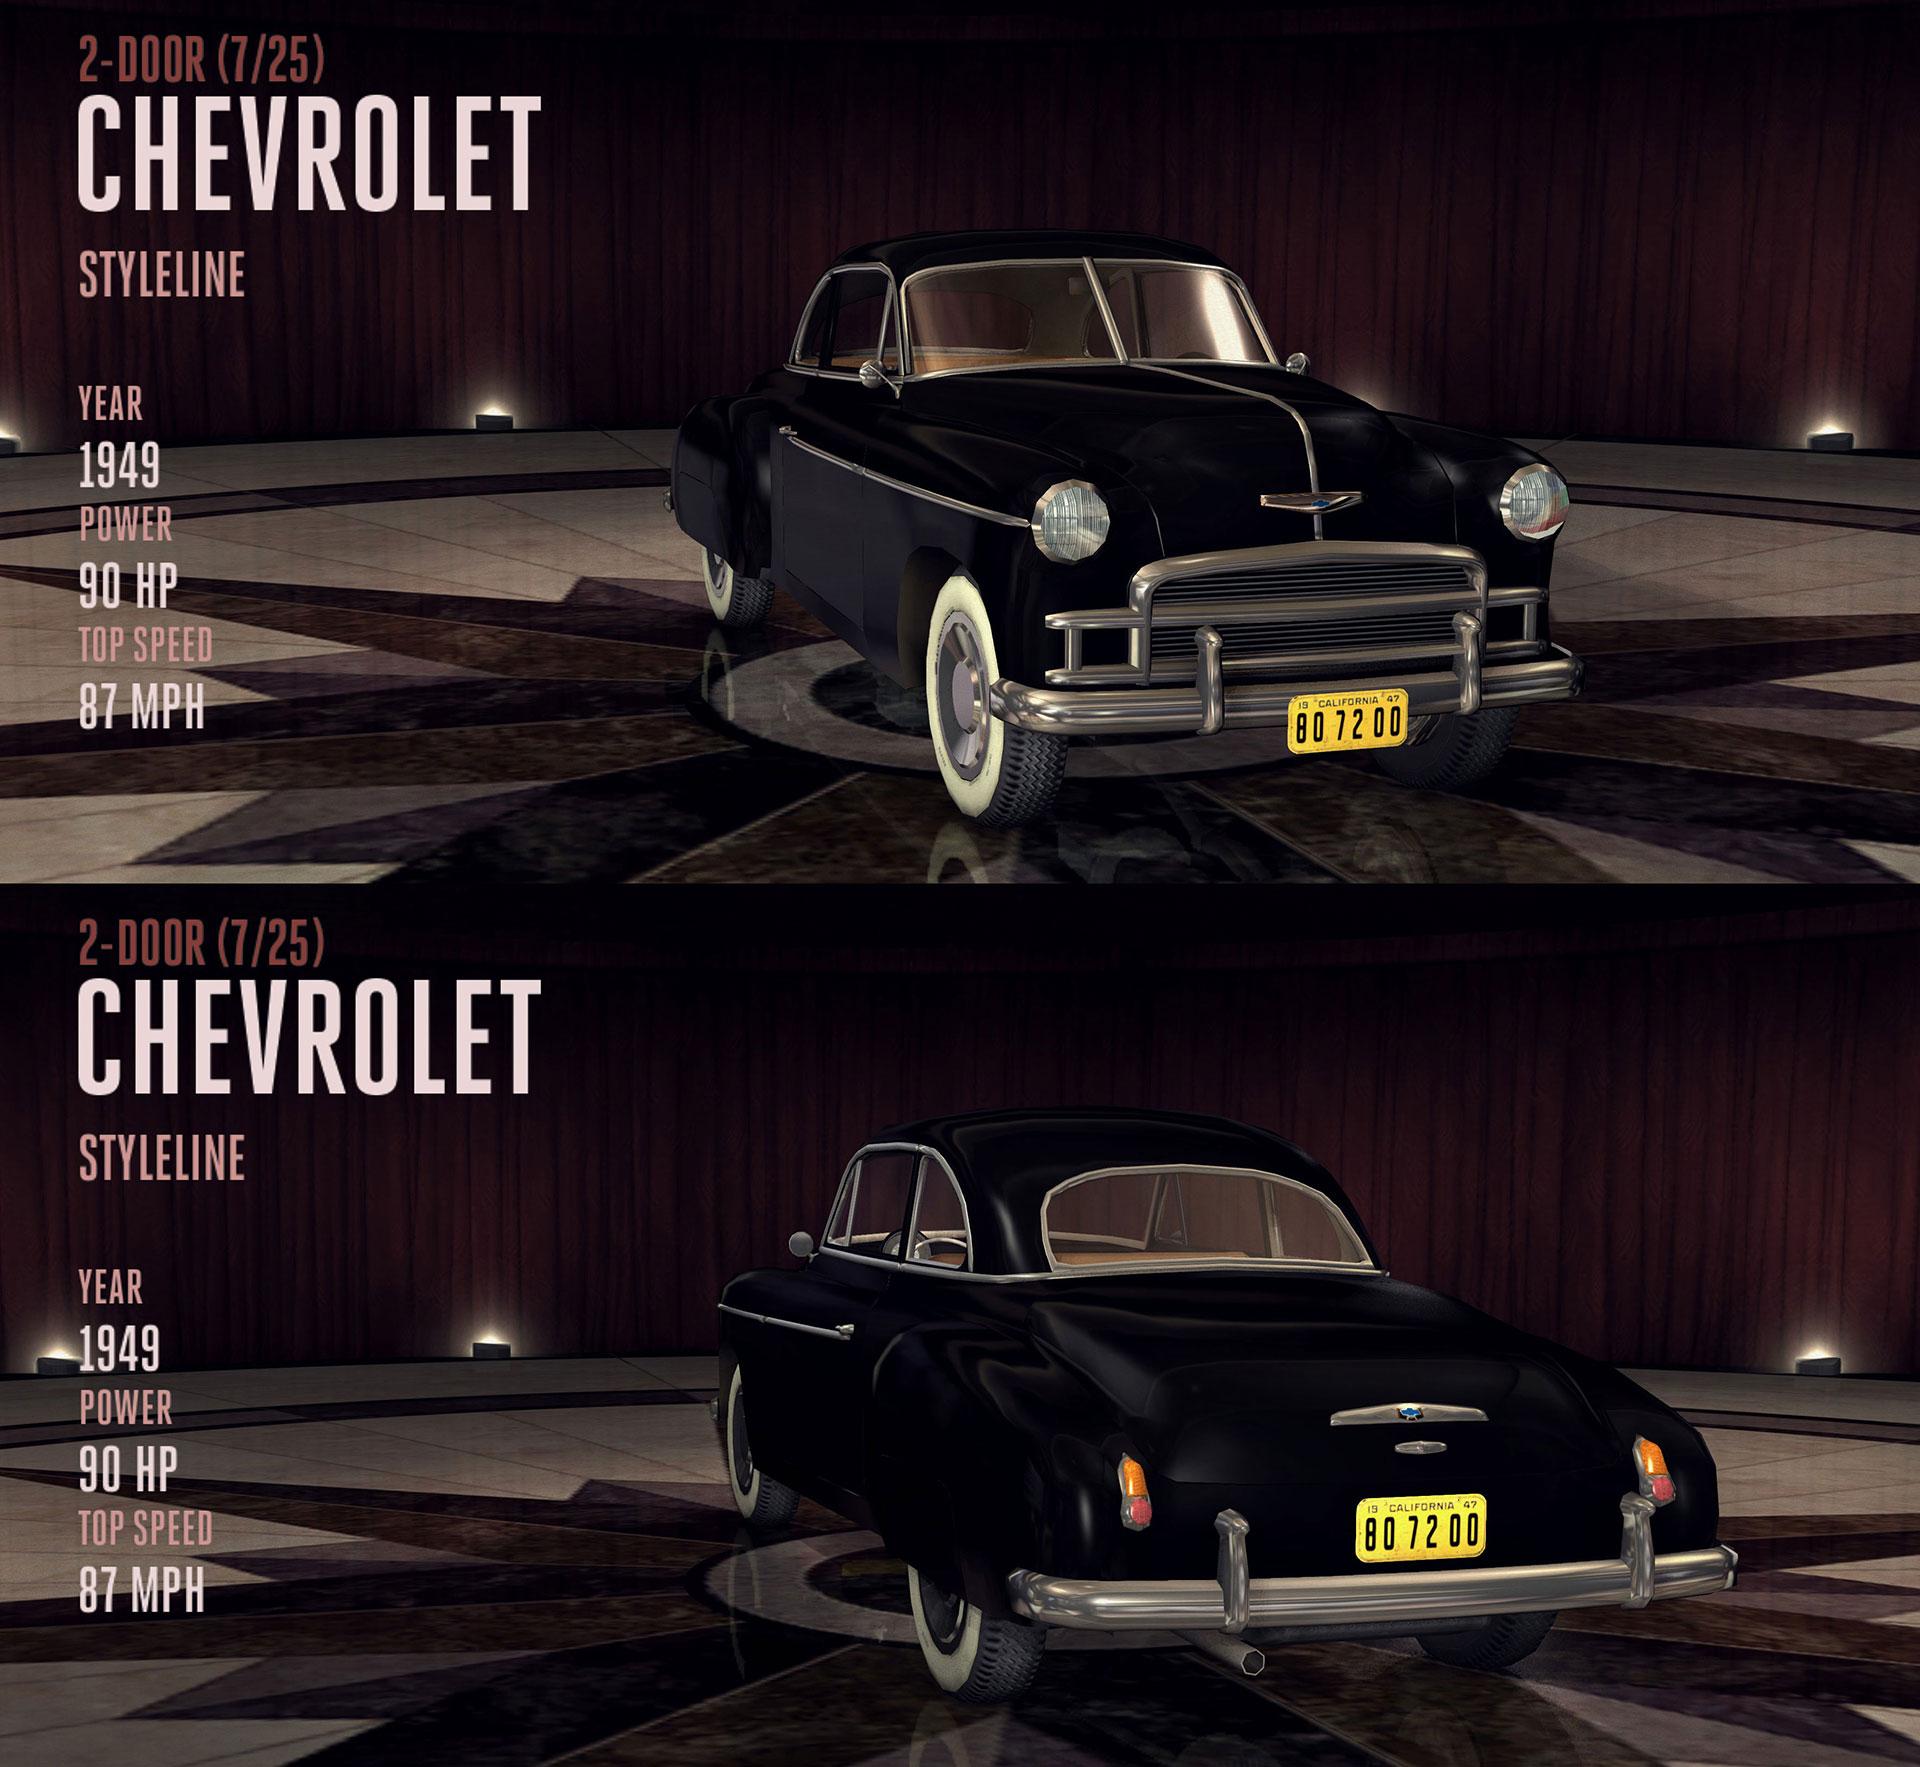 Chevrolet Styleline L A Noire Wiki Fandom Powered By Wikia